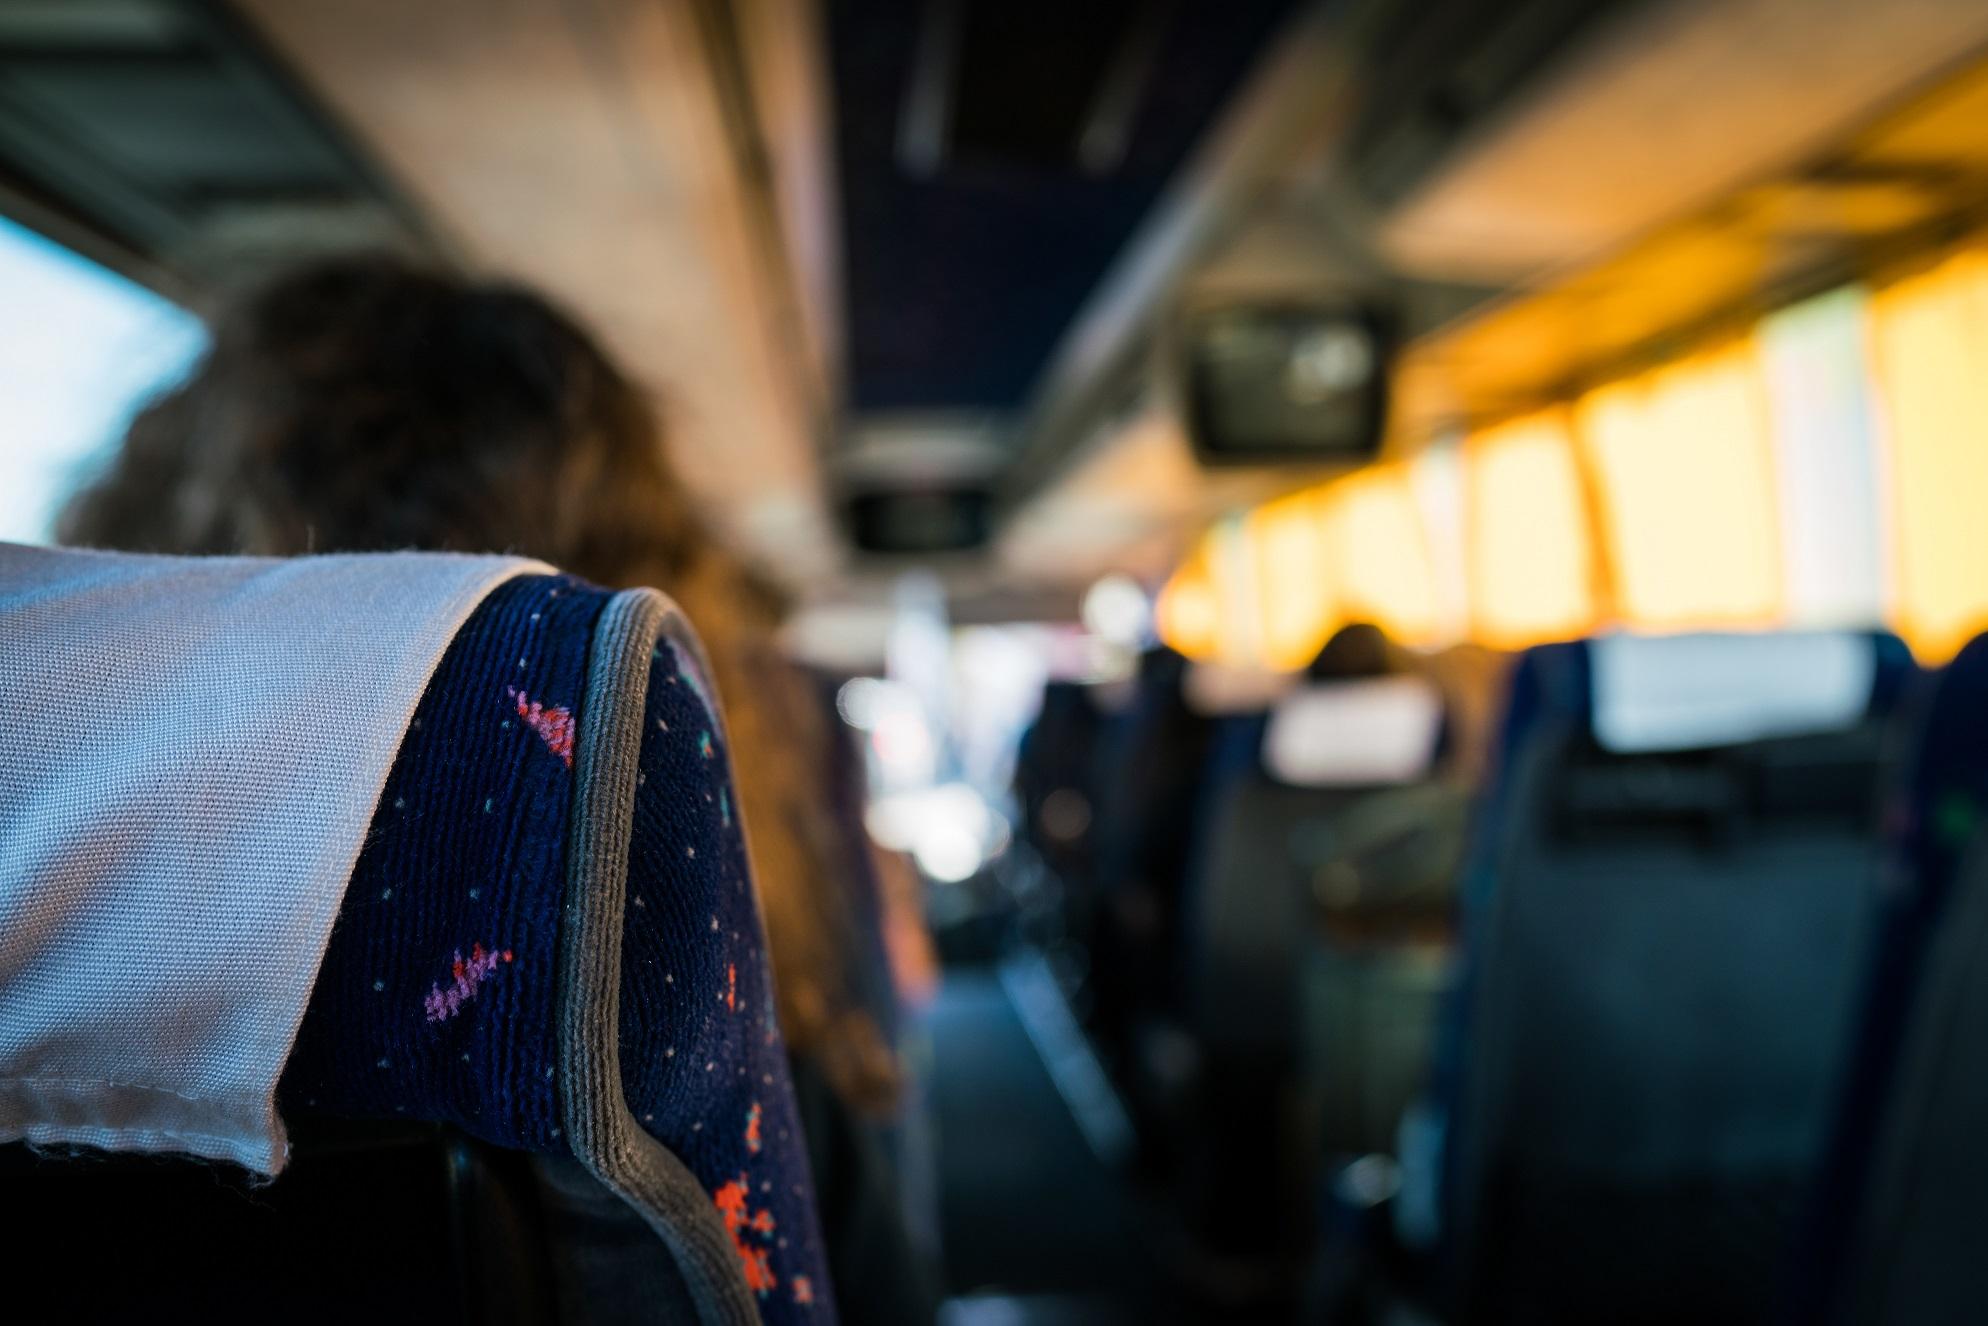 bus ride close up inside a bus